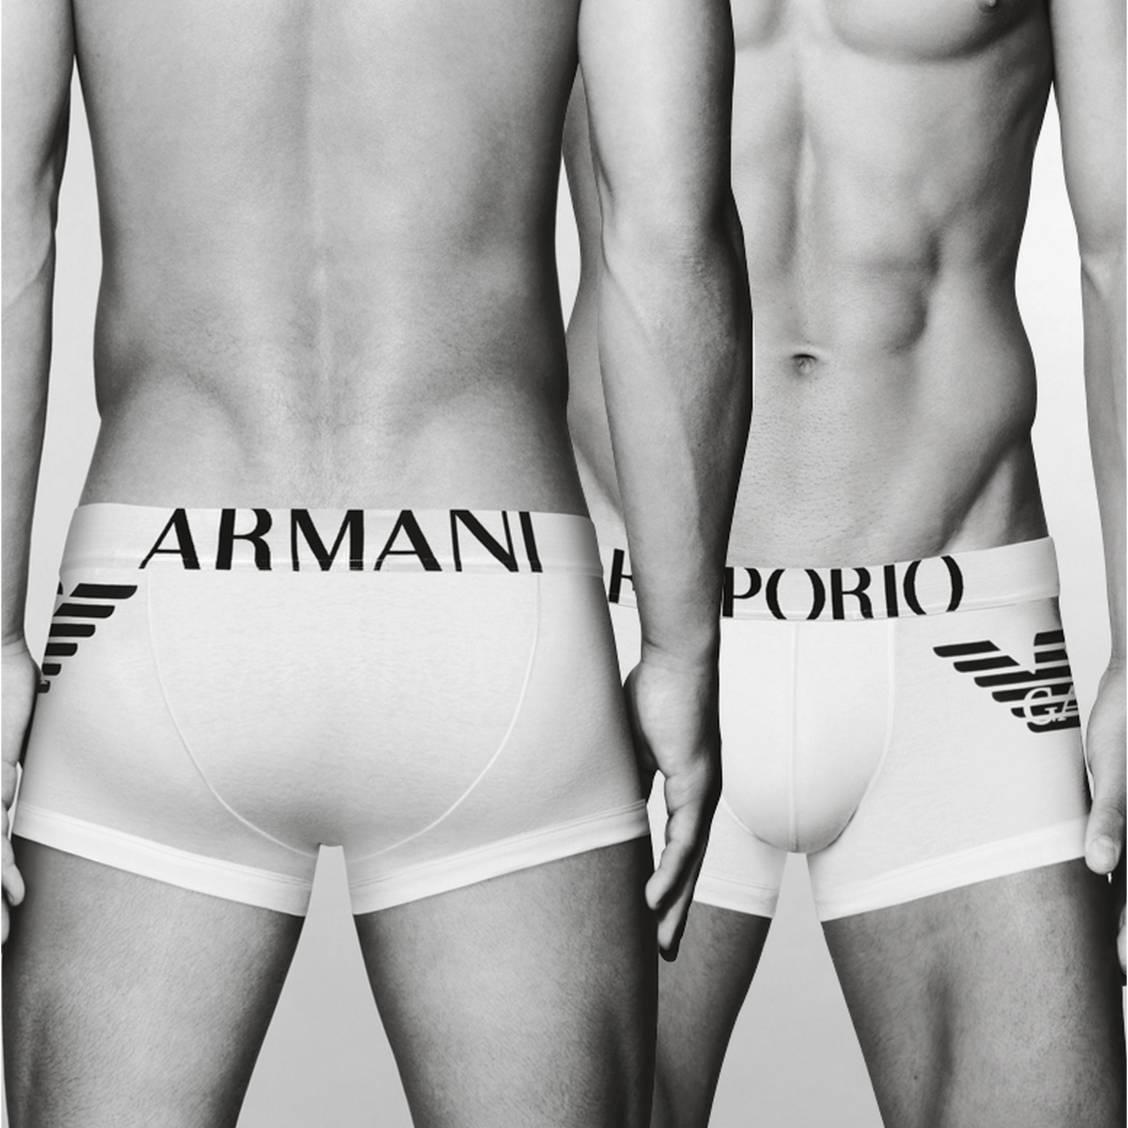 Emporio Armani Lot de 2 boxers unis Bleu Homme Sous-vêtements et Homewear  ... Maillot de bain boxer homme Emporio Armani noir · Emporio Armani ·  Fo5JEA b910b081df6